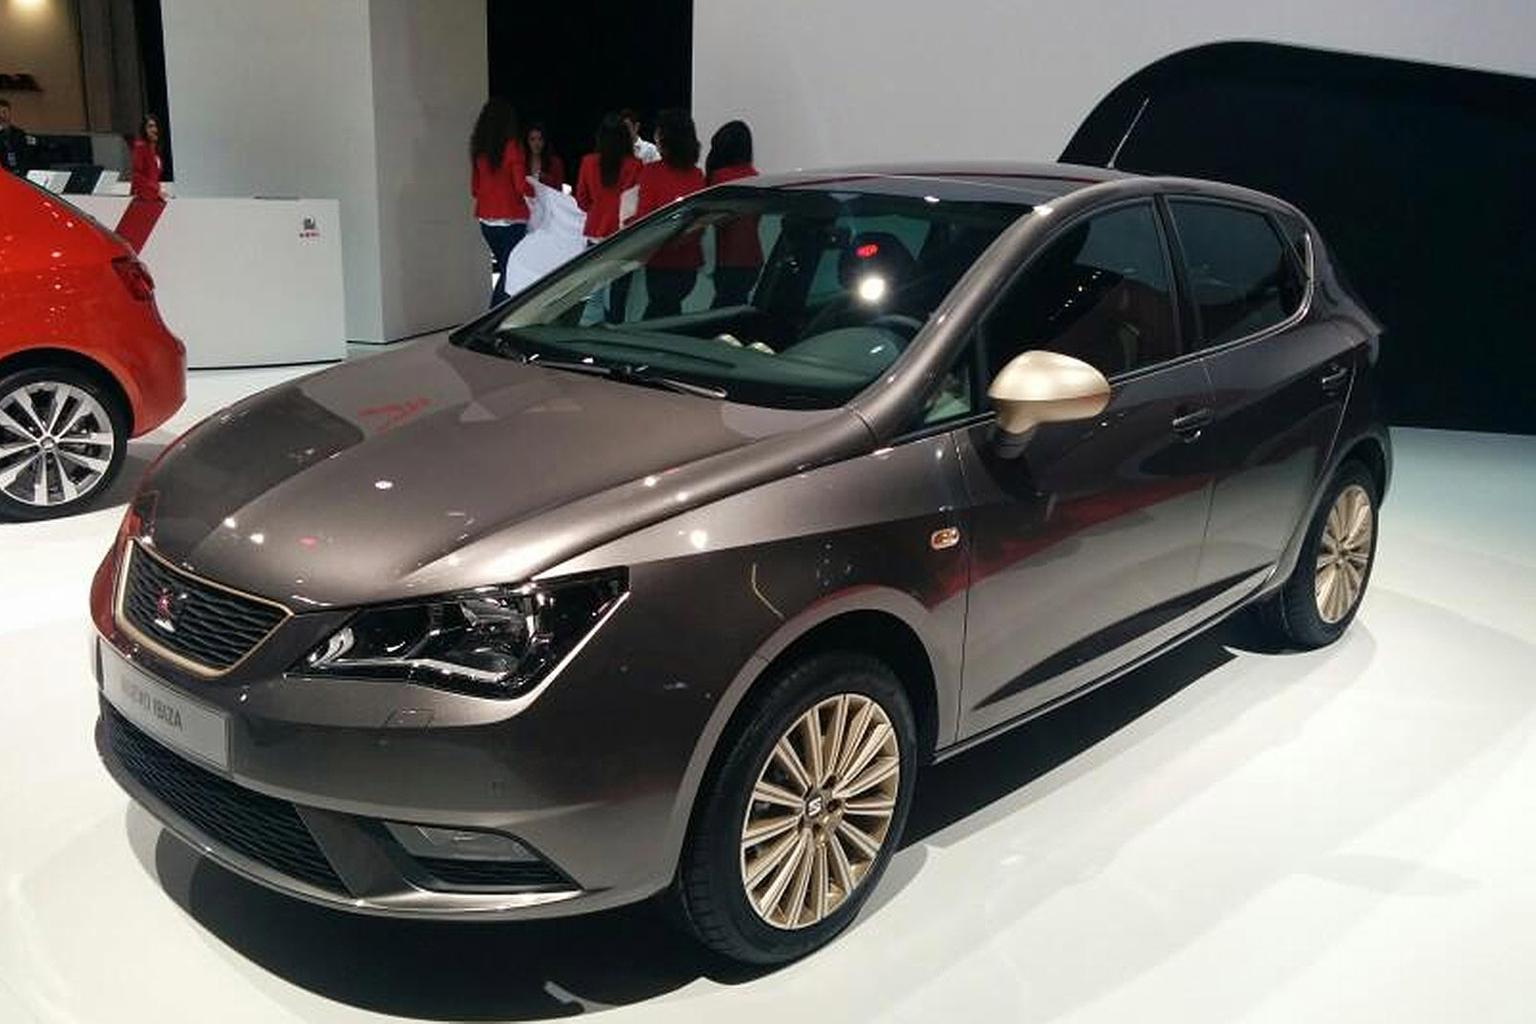 2015 Seat Ibiza facelift revealed